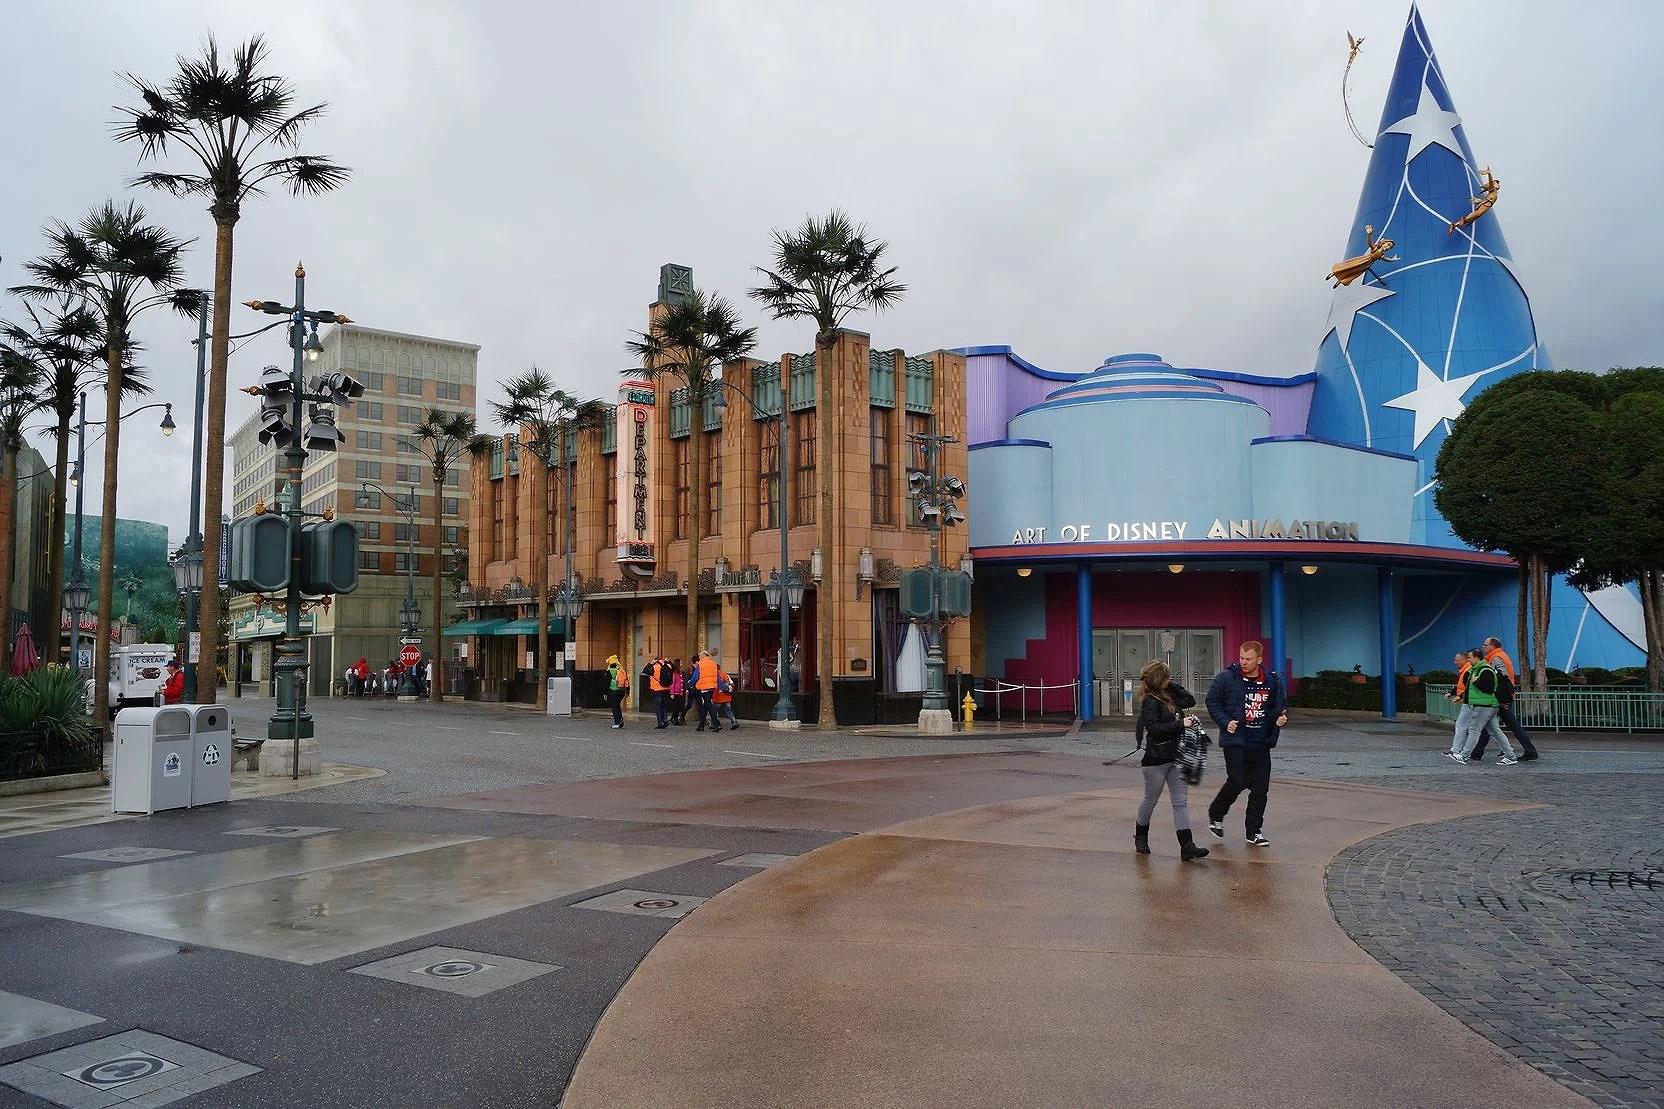 Stängda attraktioner på Disneyland Paris - April 2019